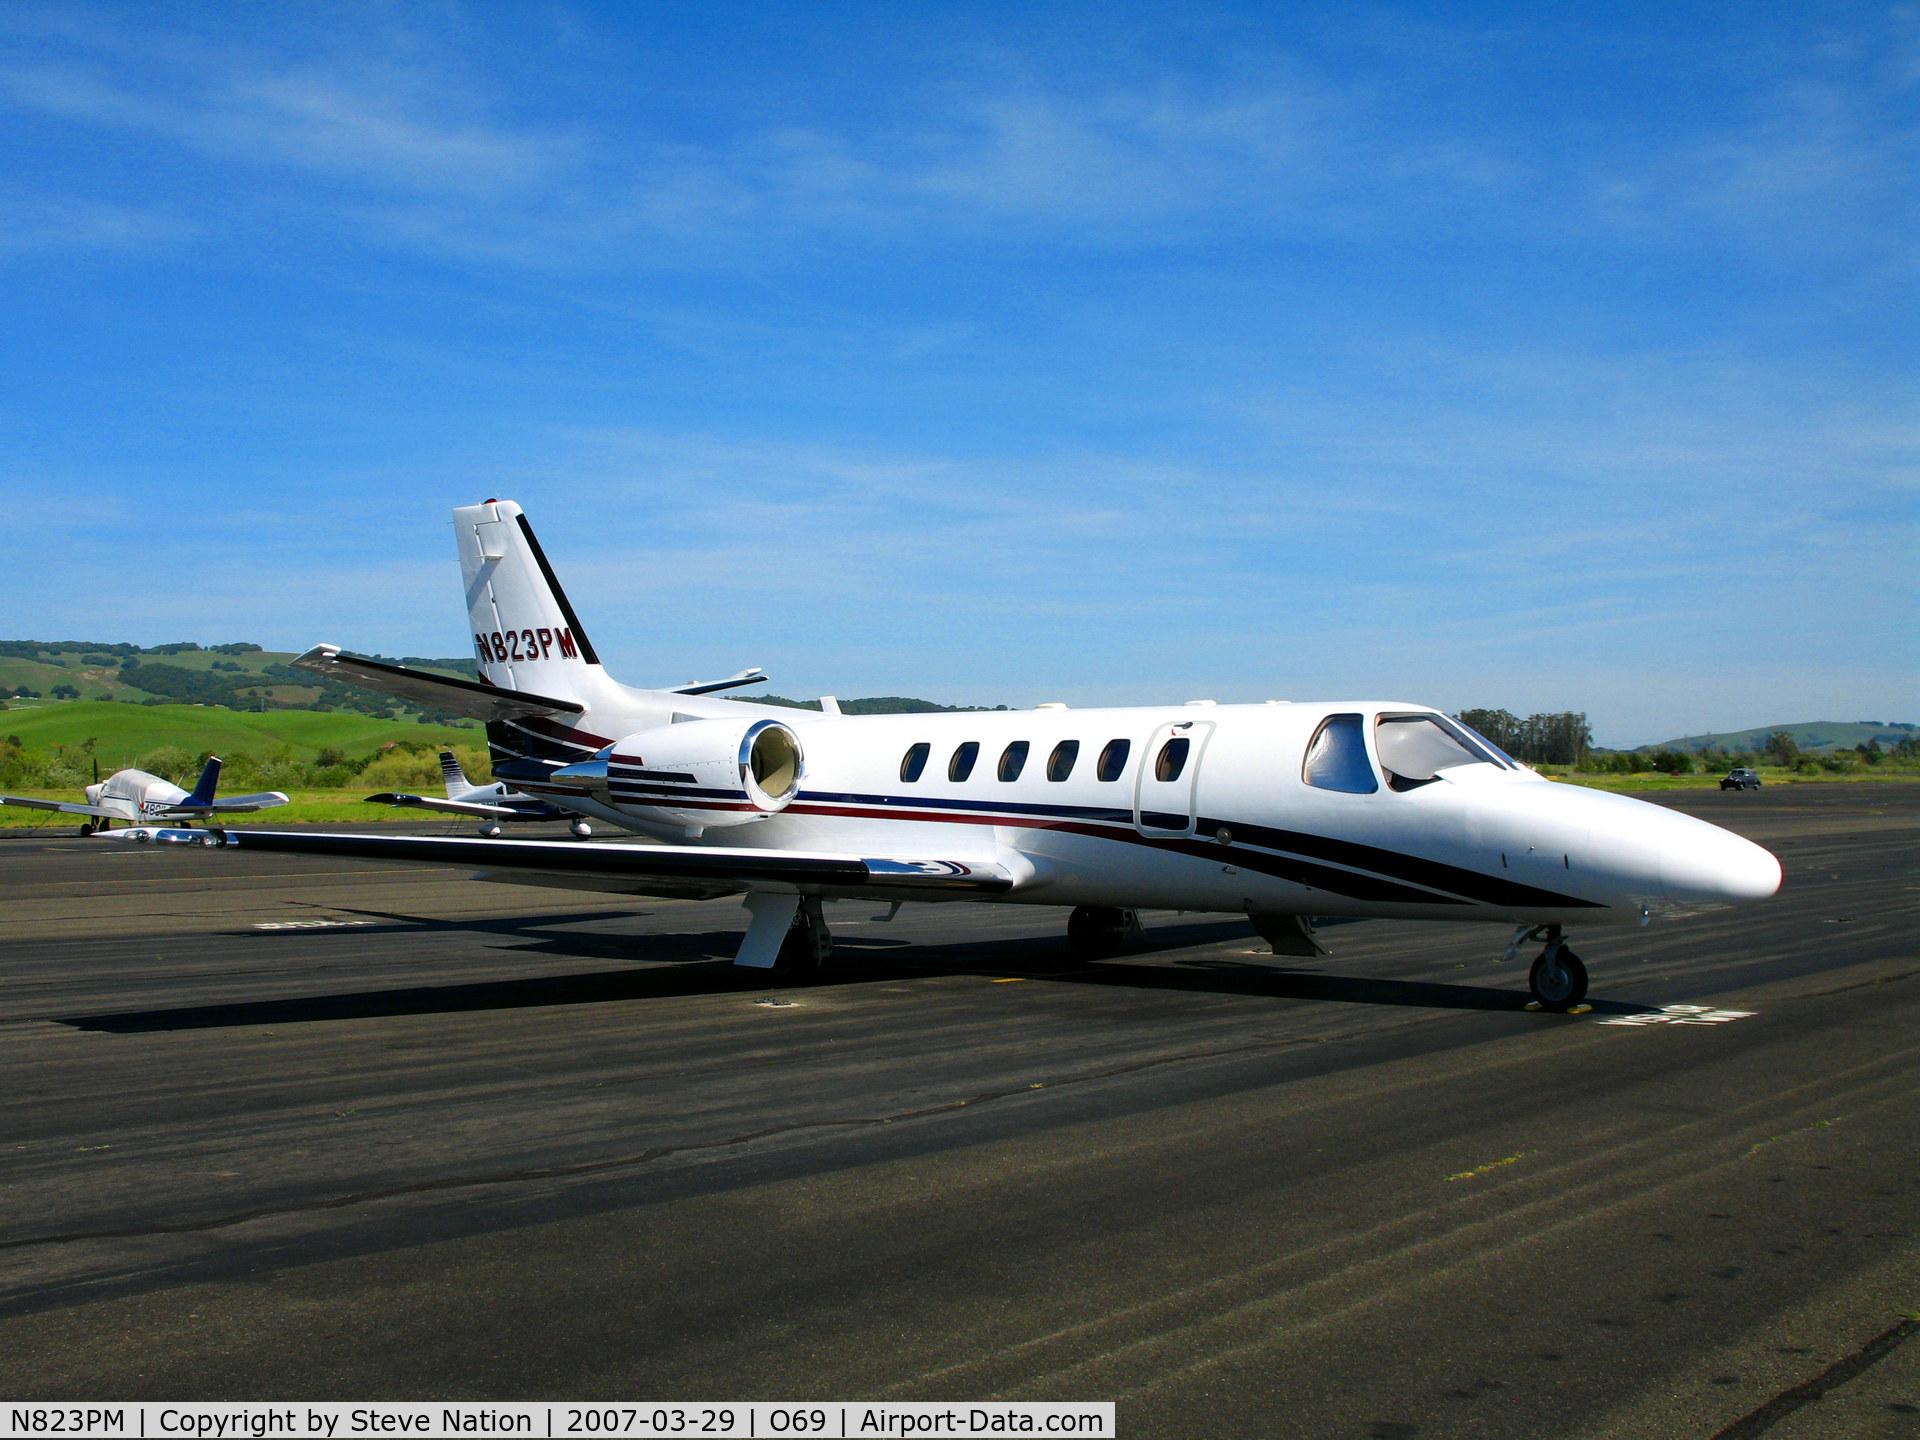 N823PM, 2003 Cessna 550 C/N 550-1064, TBN Group 2003 Cessna 550 @ Petaluma, CA